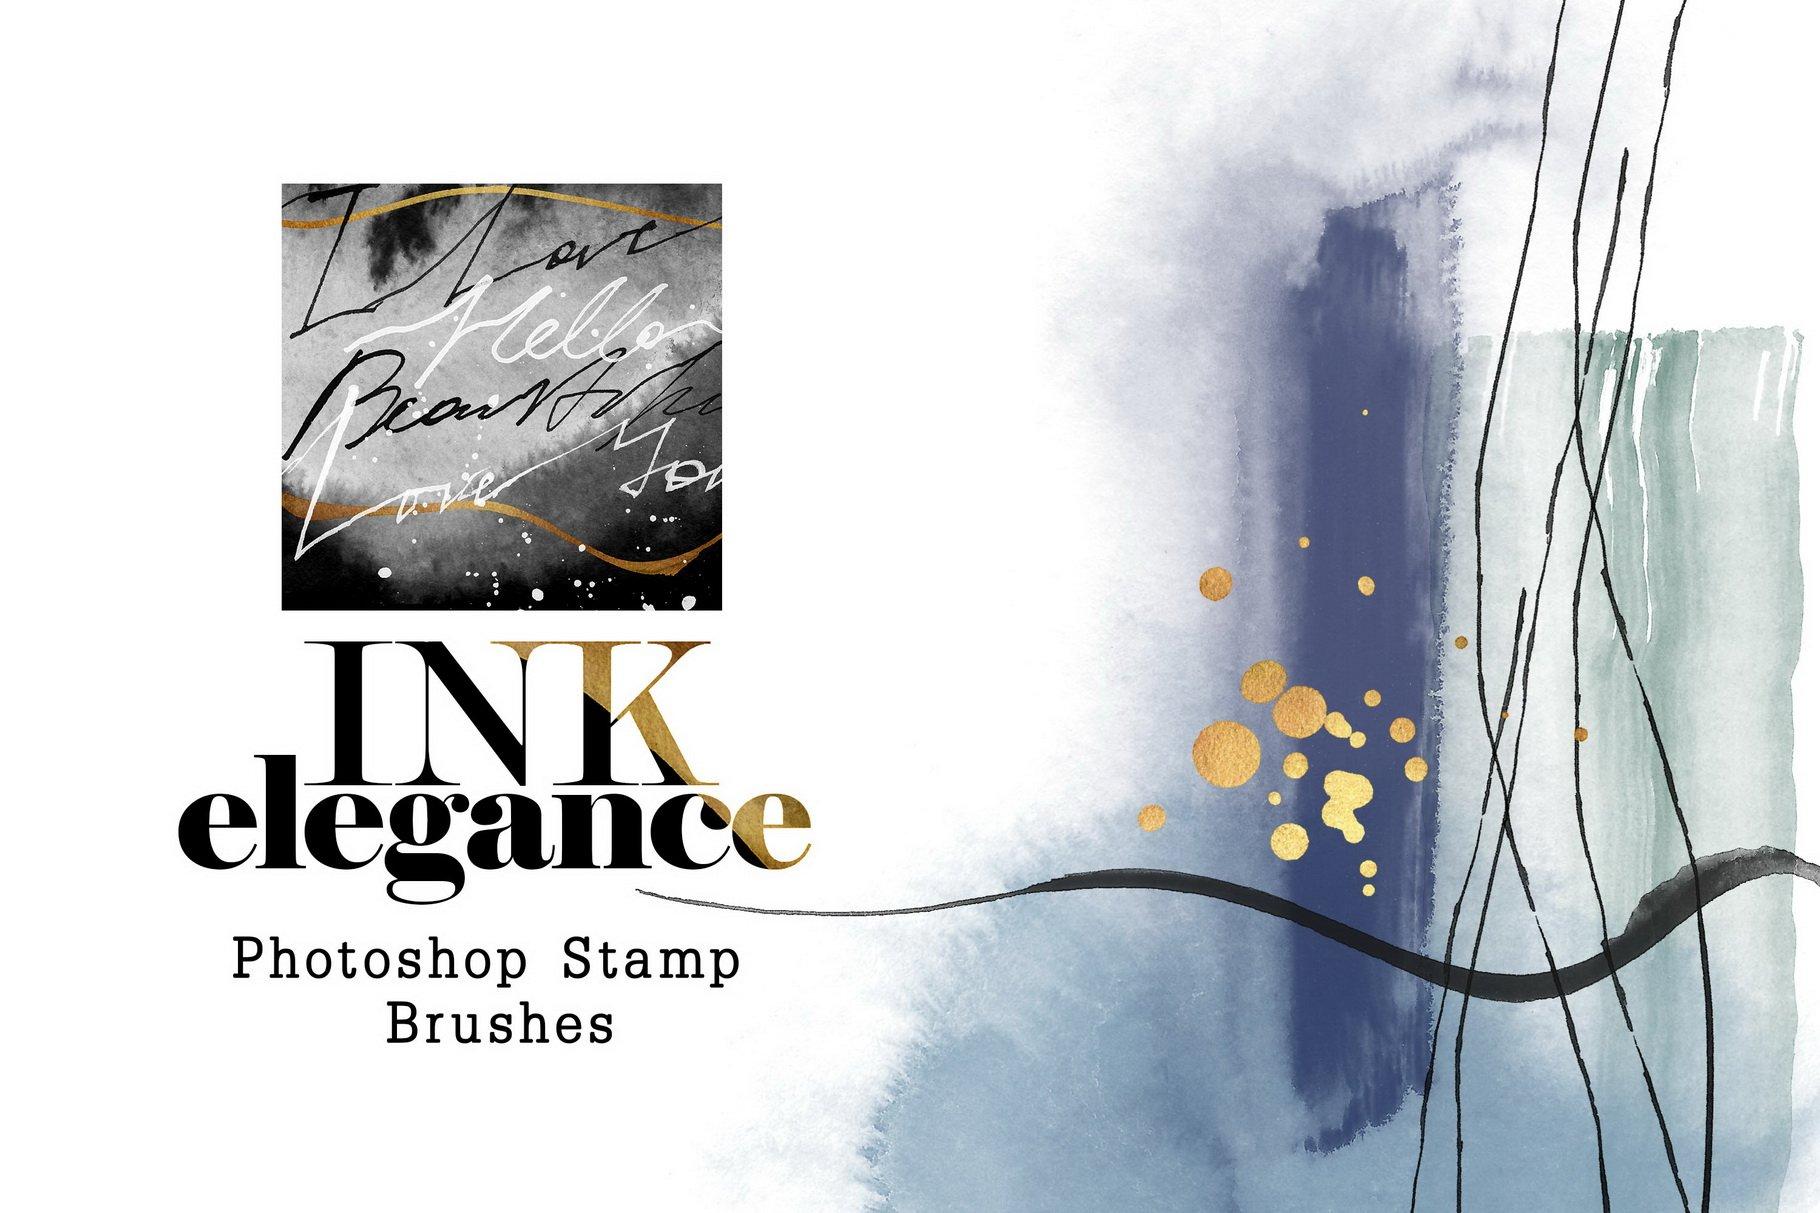 775款艺术气息水彩水墨丙烯酸绘画效果PS图章笔刷素材 Photoshop Stamp Brushes Bundle 2020插图27